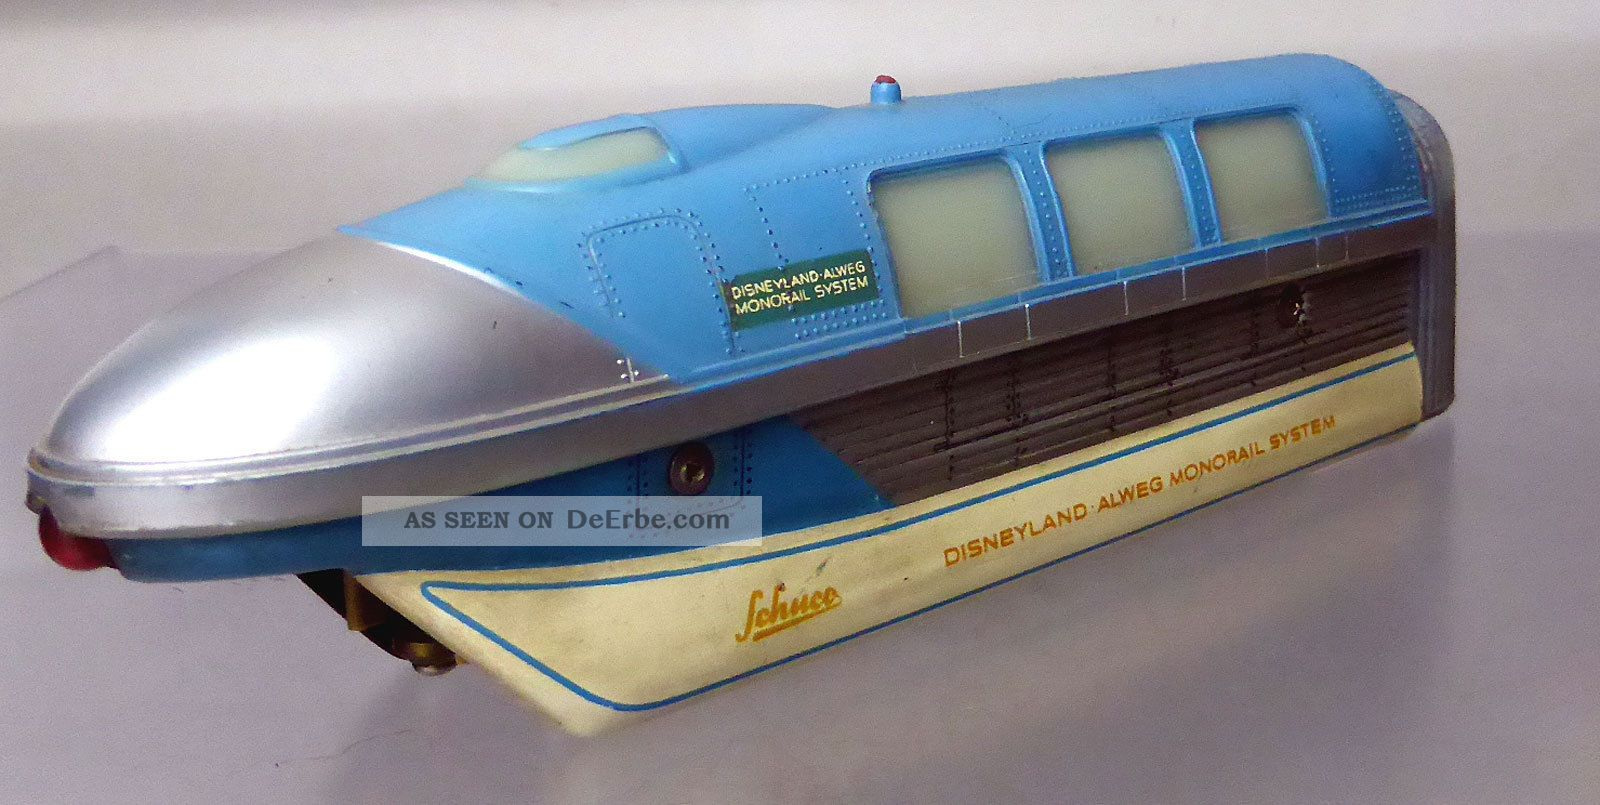 Schuco Monorail 6333/0; Triebwagenzug 3 - Teilig,  Blau /d239 Original, gefertigt 1945-1970 Bild